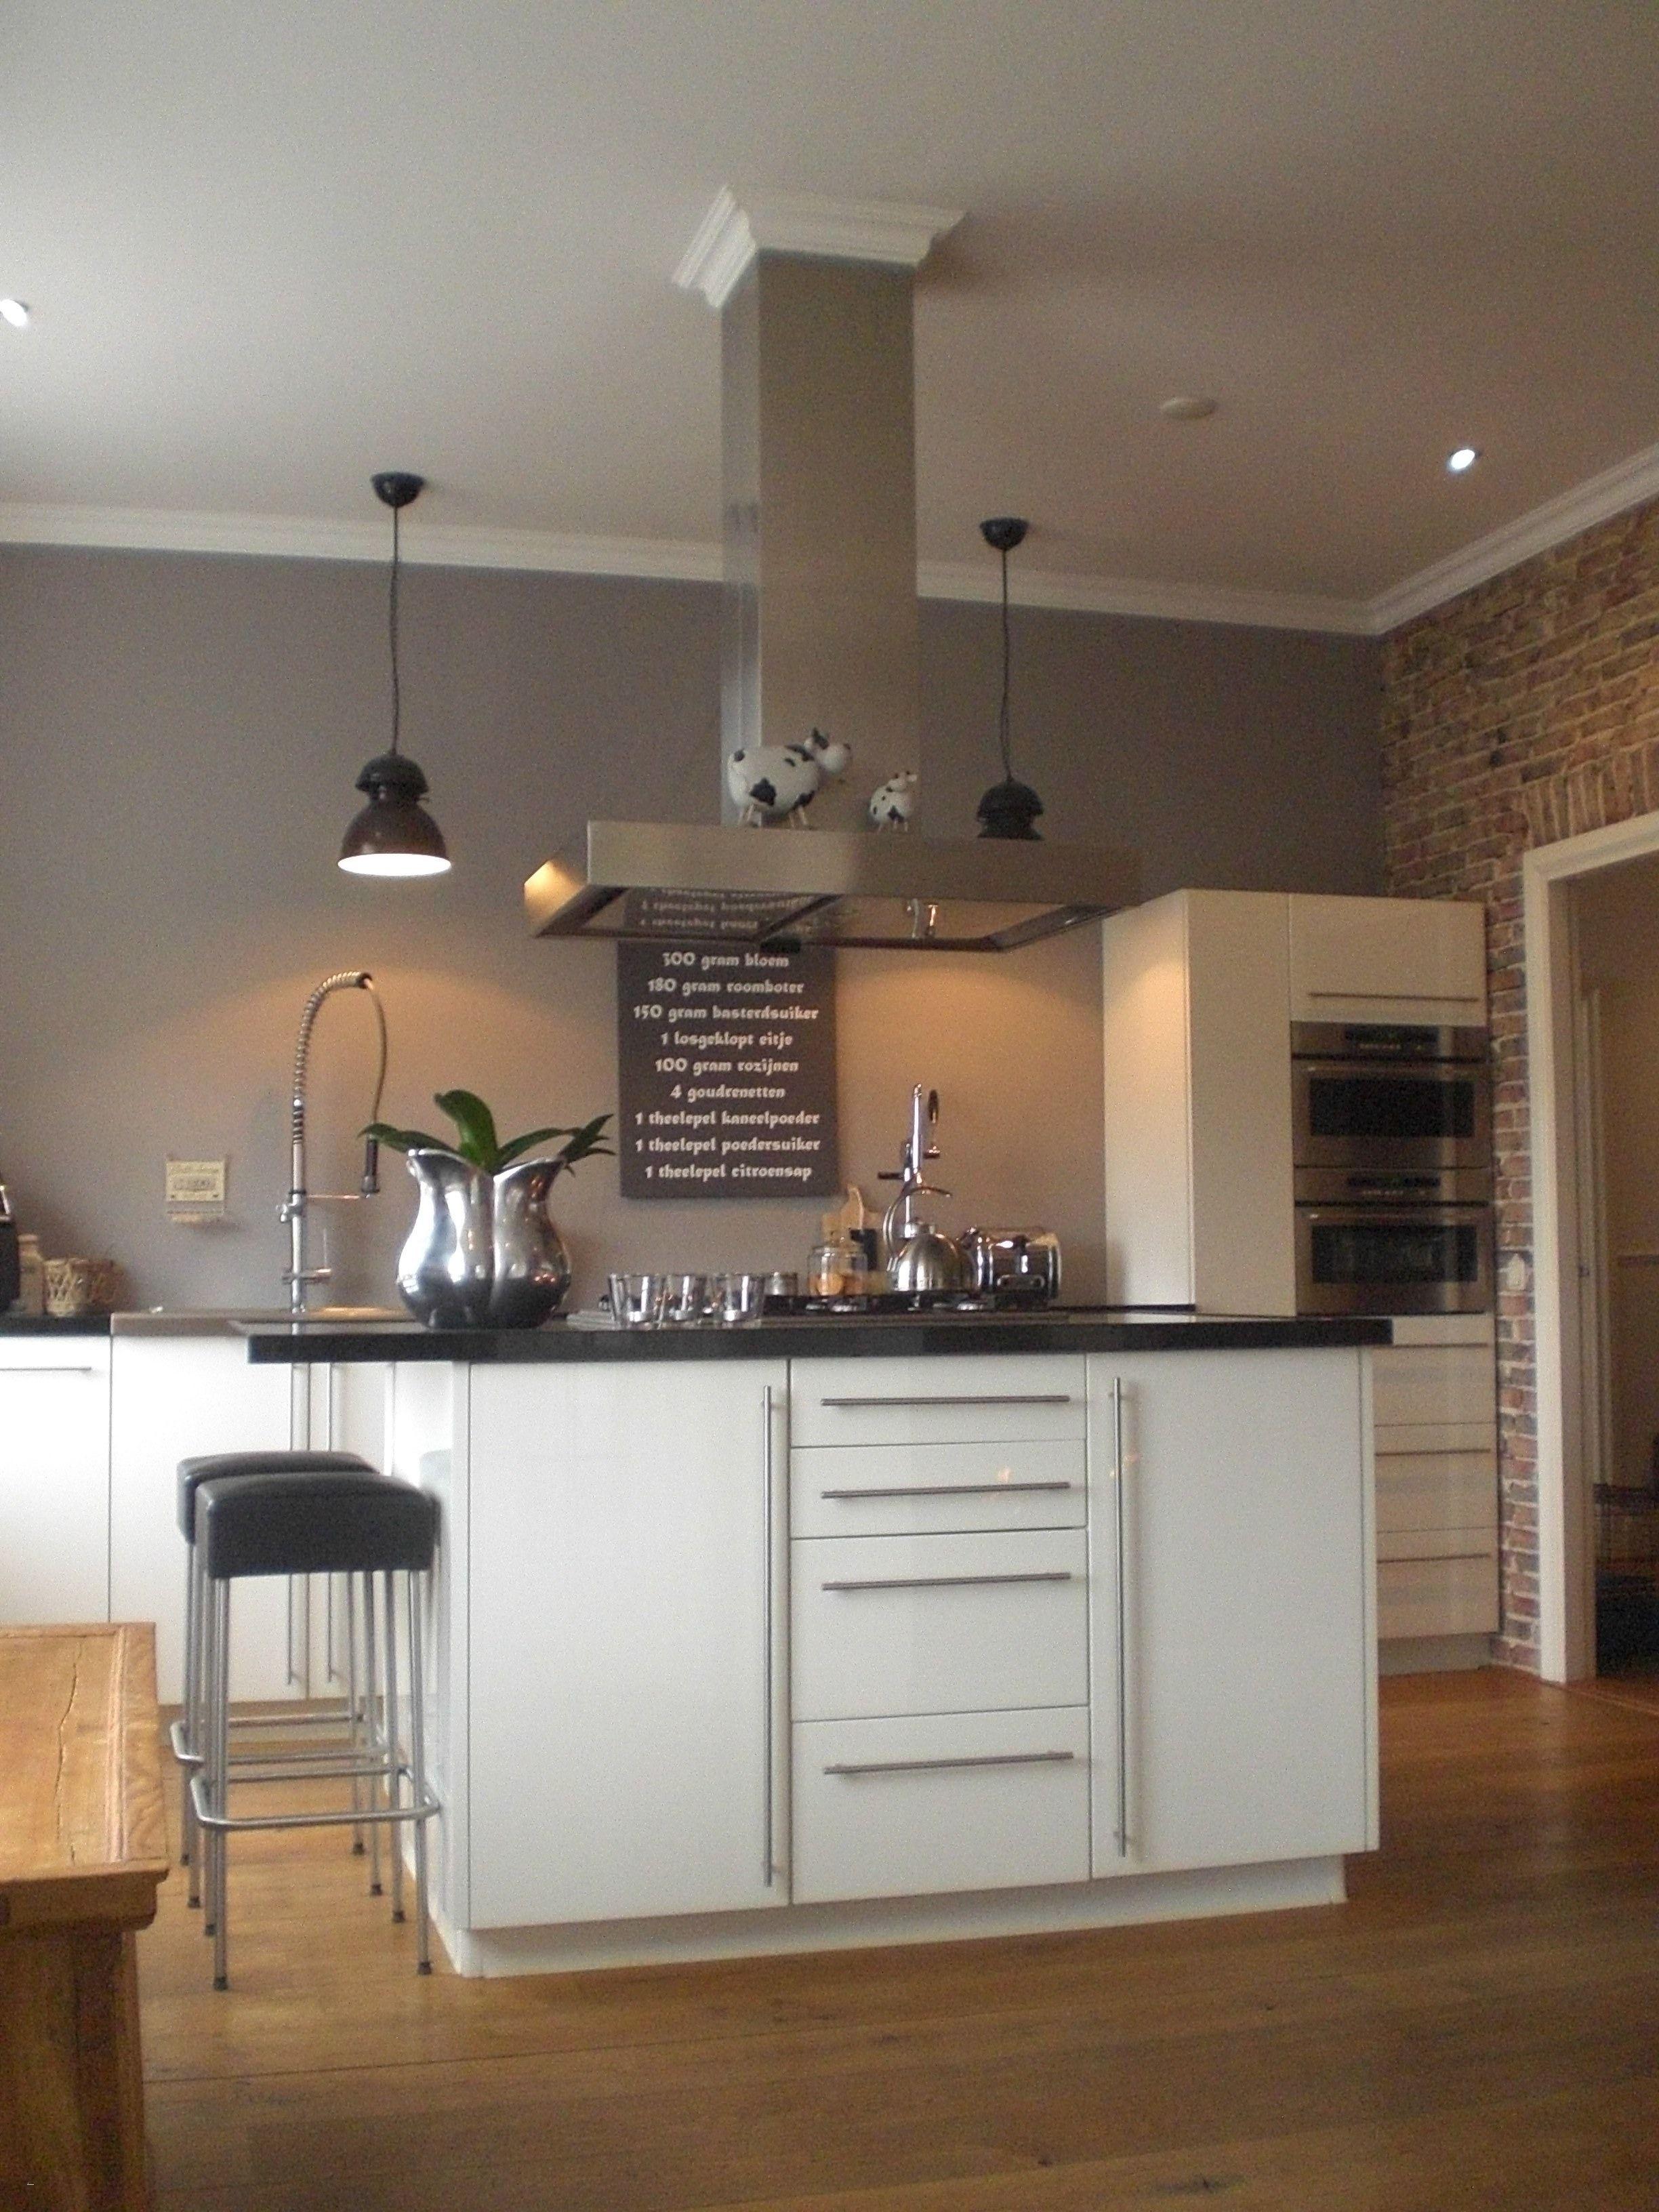 49 Elegant Kuchenzeile Wand Popular Kitchen Designs Kitchen Interior Stylish Kitchen